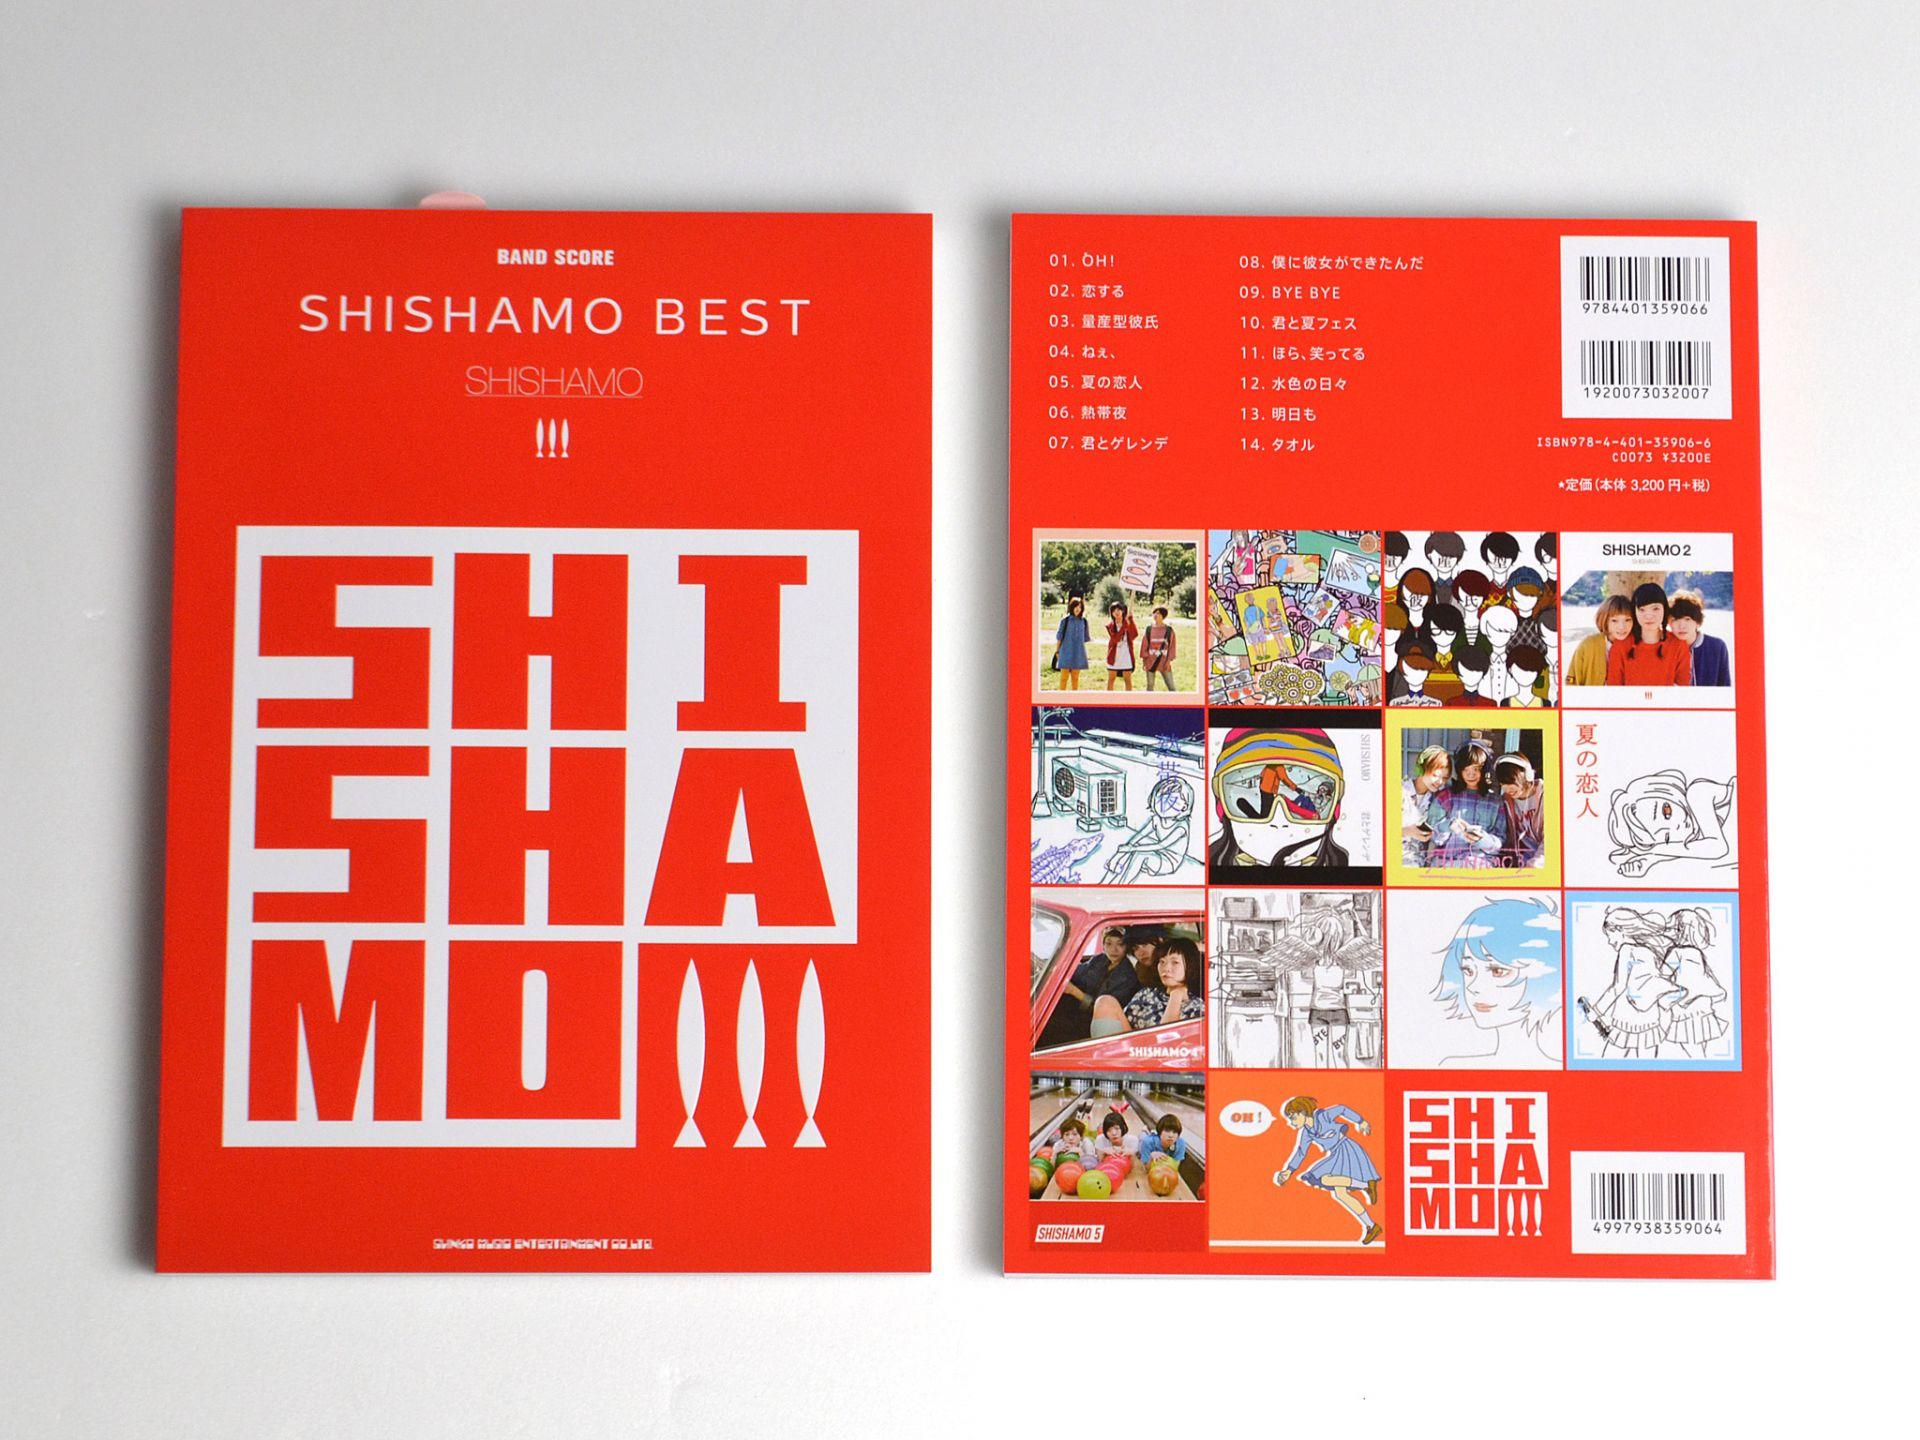 バンド・スコア「SHISHAMO BEST」の画像